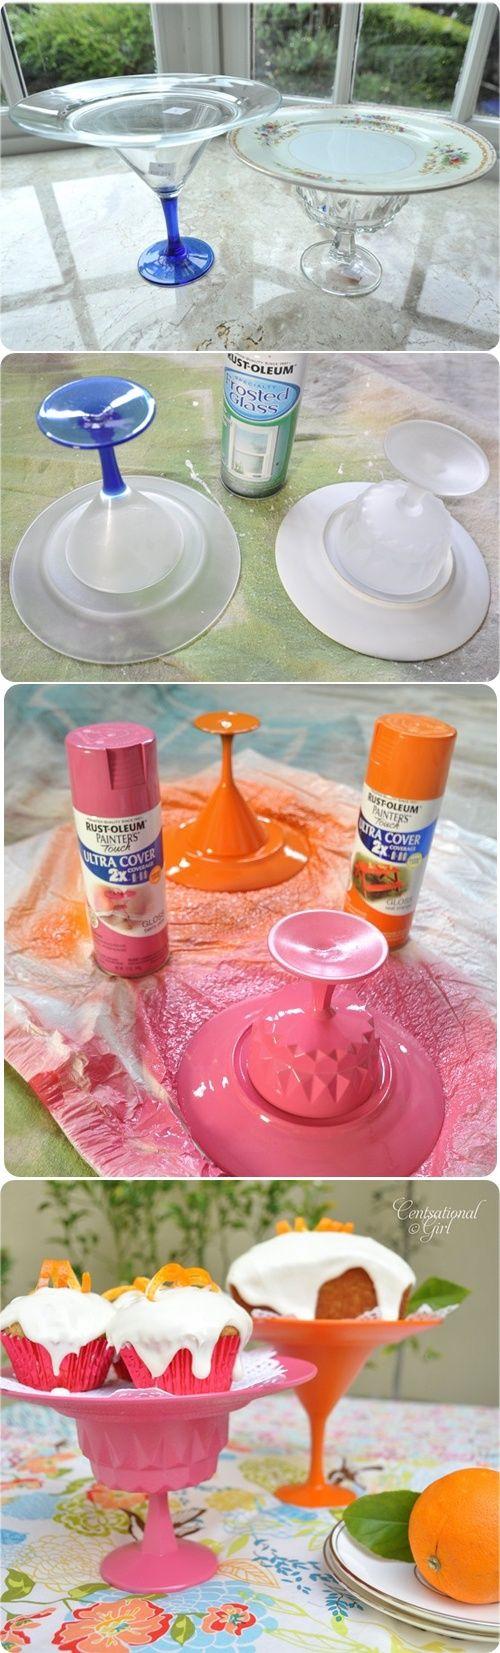 DIY – Cupcake Stand | DiyReal.com